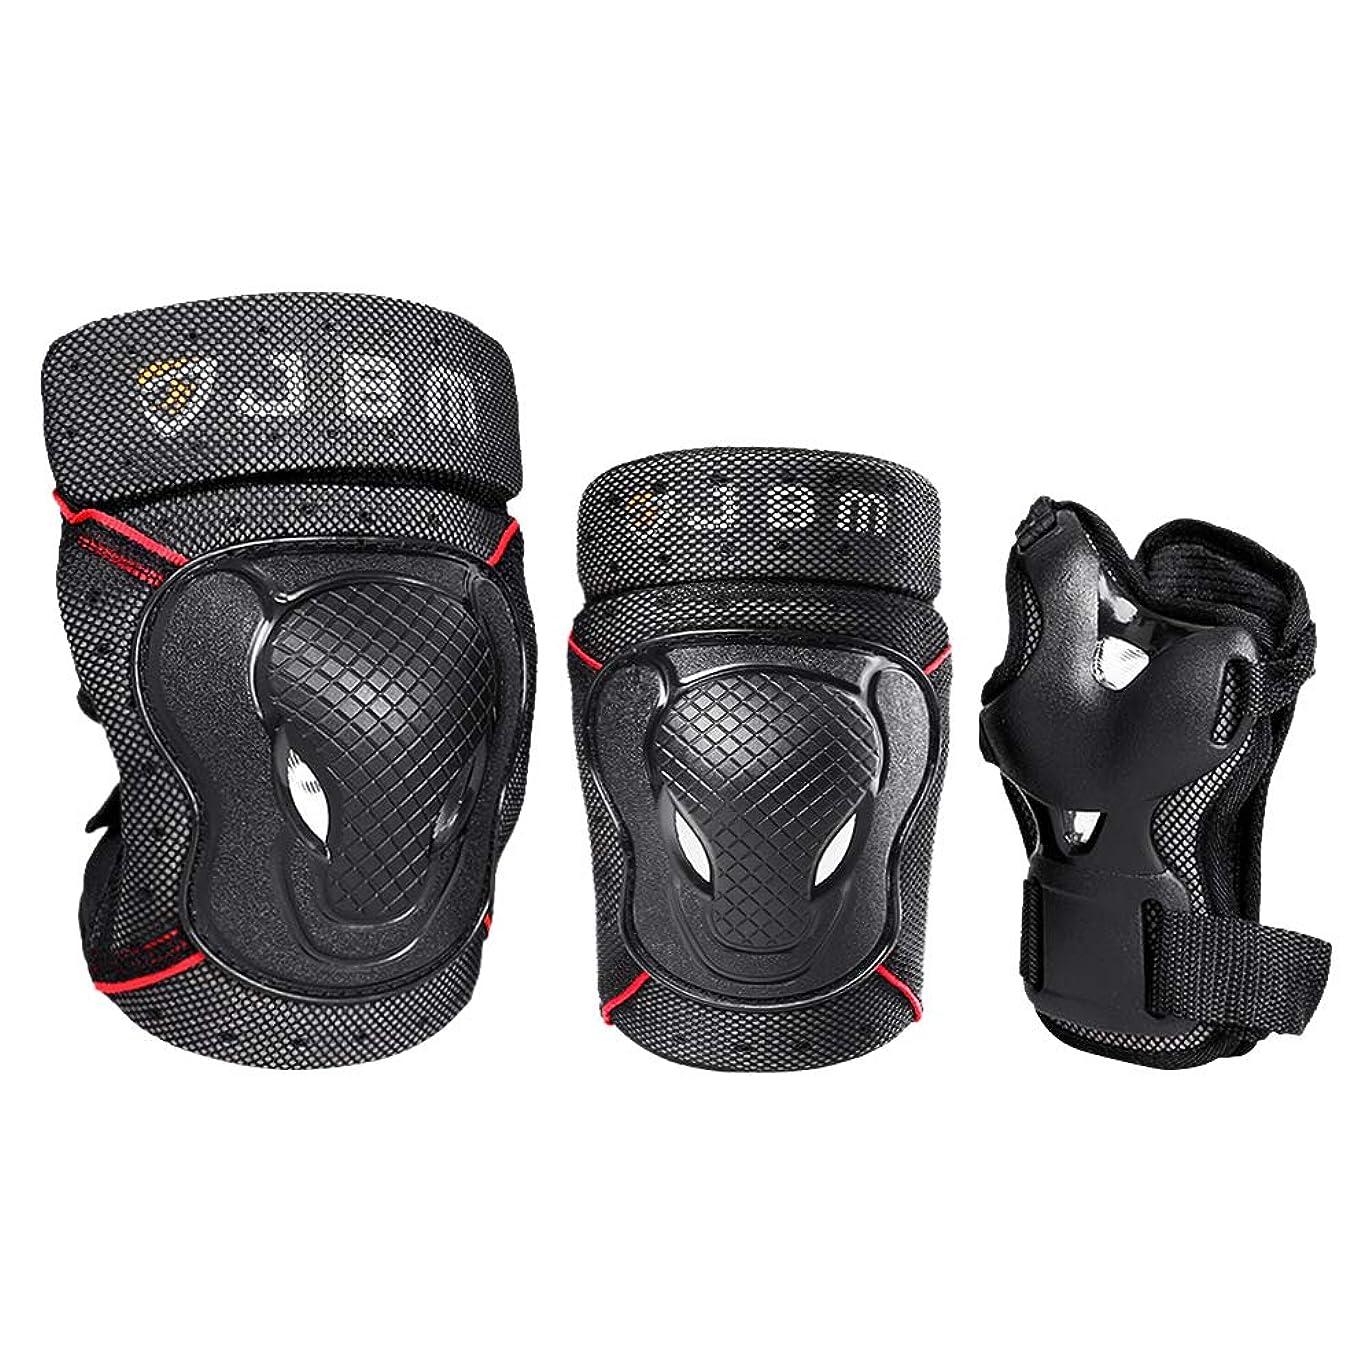 麻痺させる食堂プランターJBM BMXバイクの膝パッドと肘パッド(手首ガード付き)自転車、乗馬、サイクリング、マルチスポーツ用の保護装置セット安全保護:スクーター、スケートボード、自転車、インラインスケート